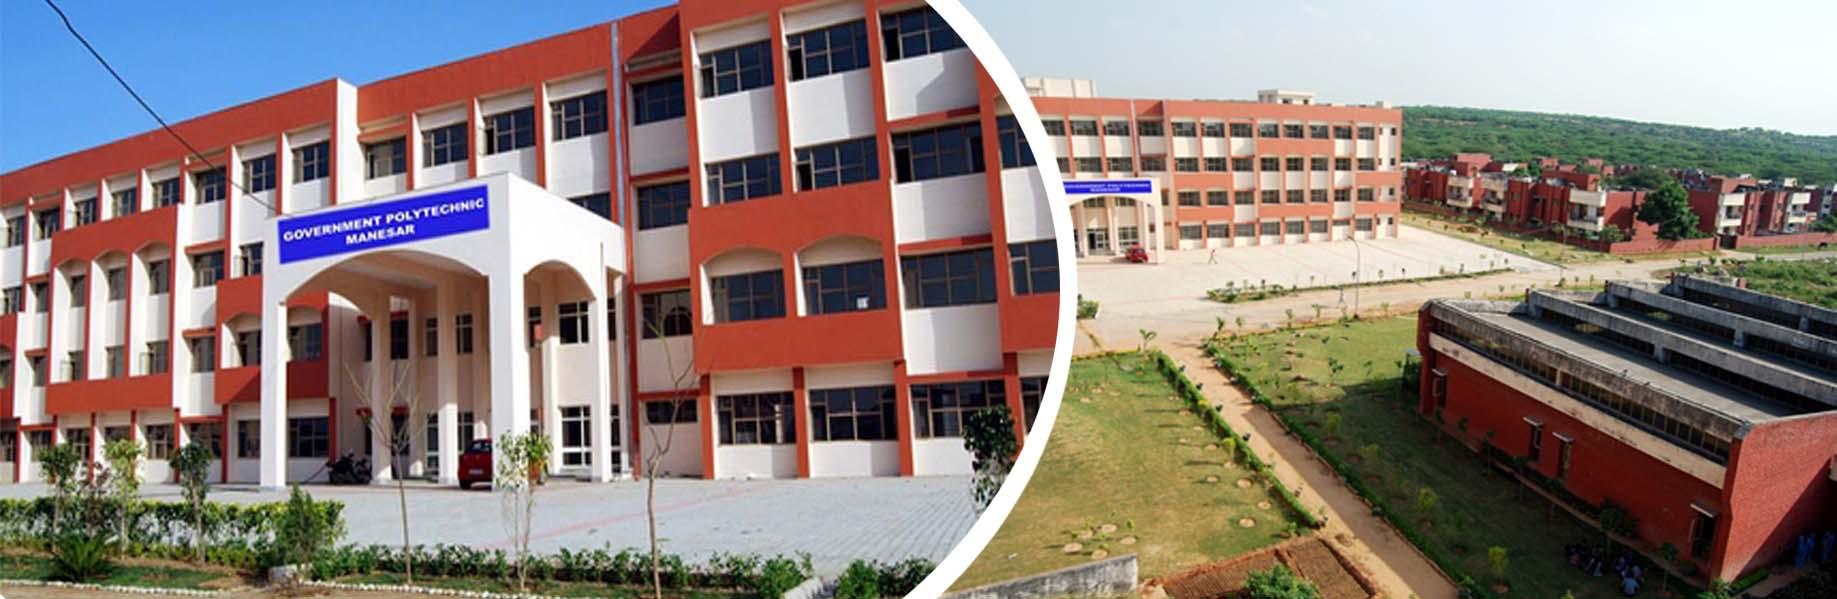 Govt  Polytechnic Education Society Manesar